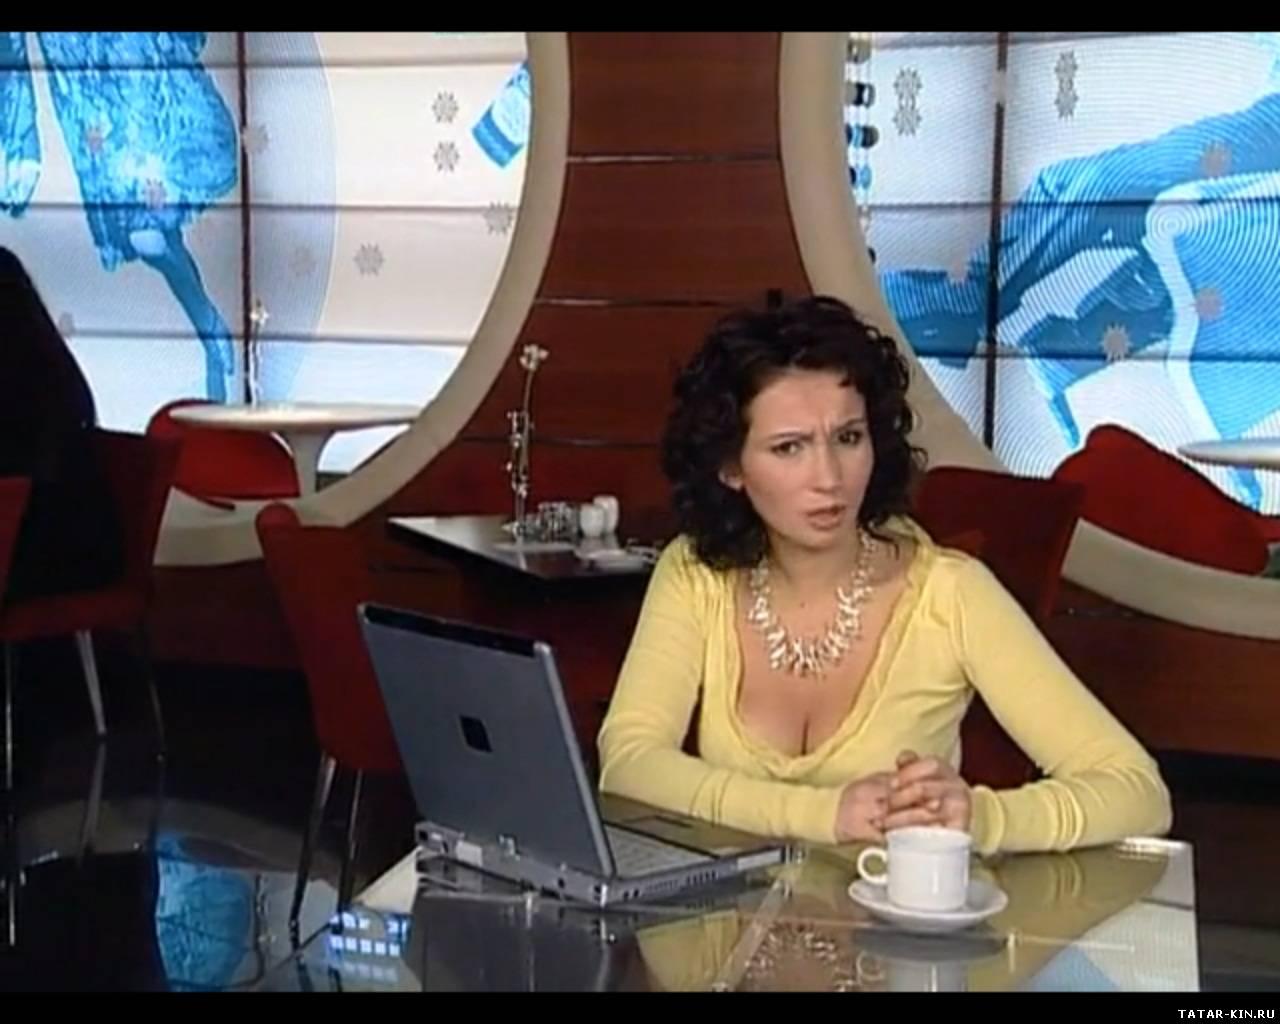 Смотреть секс анфиса чехова, Порно видео Анфиса Чехова скачать и смотреть онлайн 8 фотография